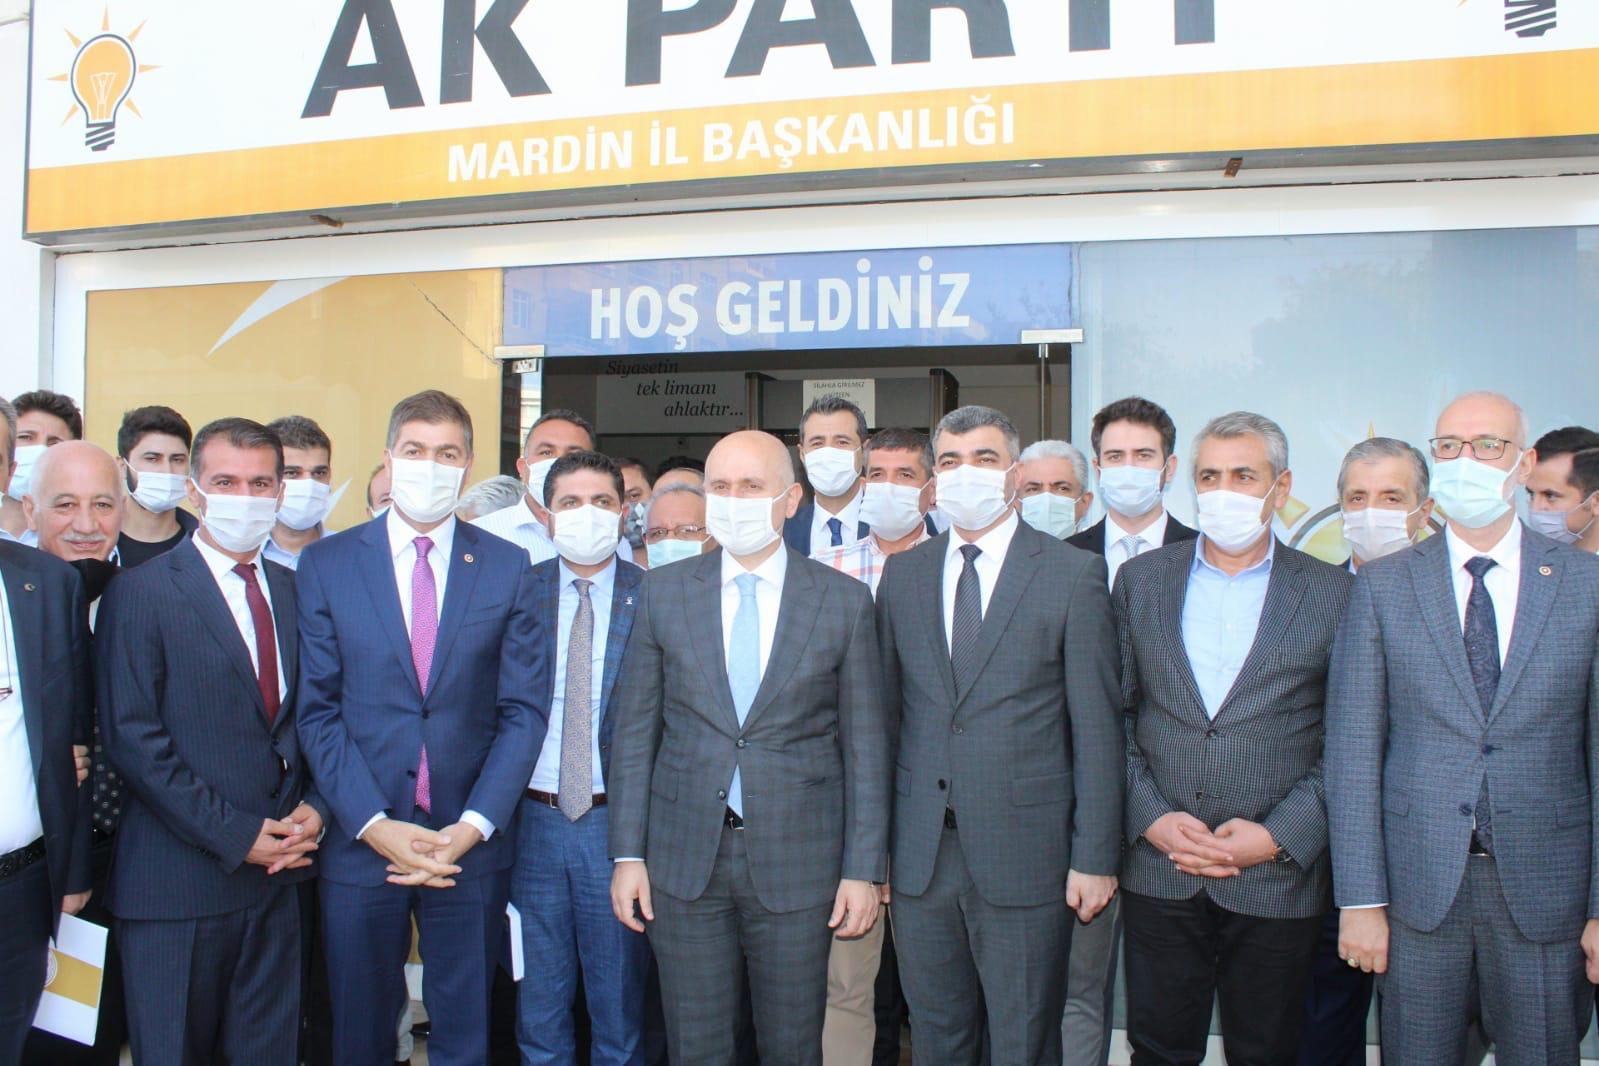 Başkan Kılıç, Ulaştırma Bakanı taleplerimizi olumlu karşıladı